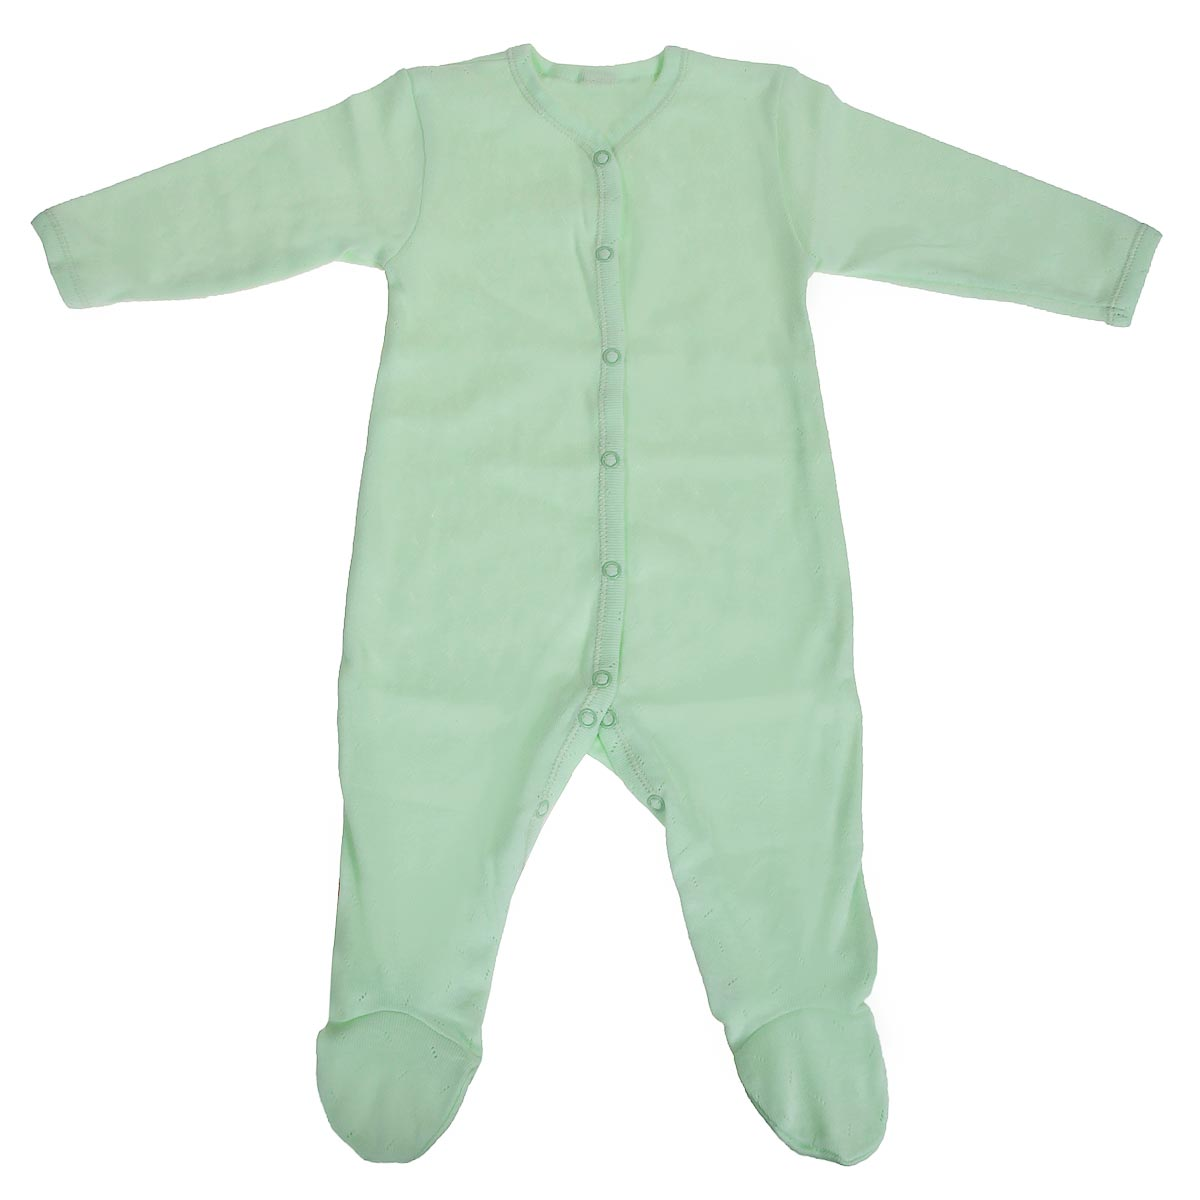 Комбинезон детский Lucky Child Ажур, цвет: зеленый. 0-12. Размер 68/740-12Детский комбинезон Lucky Child - очень удобный и практичный вид одежды для малышей. Комбинезон выполнен из натурального хлопка, благодаря чему он необычайно мягкий и приятный на ощупь, не раздражают нежную кожу ребенка и хорошо вентилируются, а эластичные швы приятны телу малыша и не препятствуют его движениям. Комбинезон с длинными рукавами и закрытыми ножками имеет застежки-кнопки от горловины до щиколоток, которые помогают легко переодеть младенца или сменить подгузник.Модель выполнена из ткани с ажурным узором. С детским комбинезоном Lucky Child спинка и ножки вашего малыша всегда будут в тепле, он идеален для использования днем и незаменим ночью. Комбинезон полностью соответствует особенностям жизни младенца в ранний период, не стесняя и не ограничивая его в движениях!